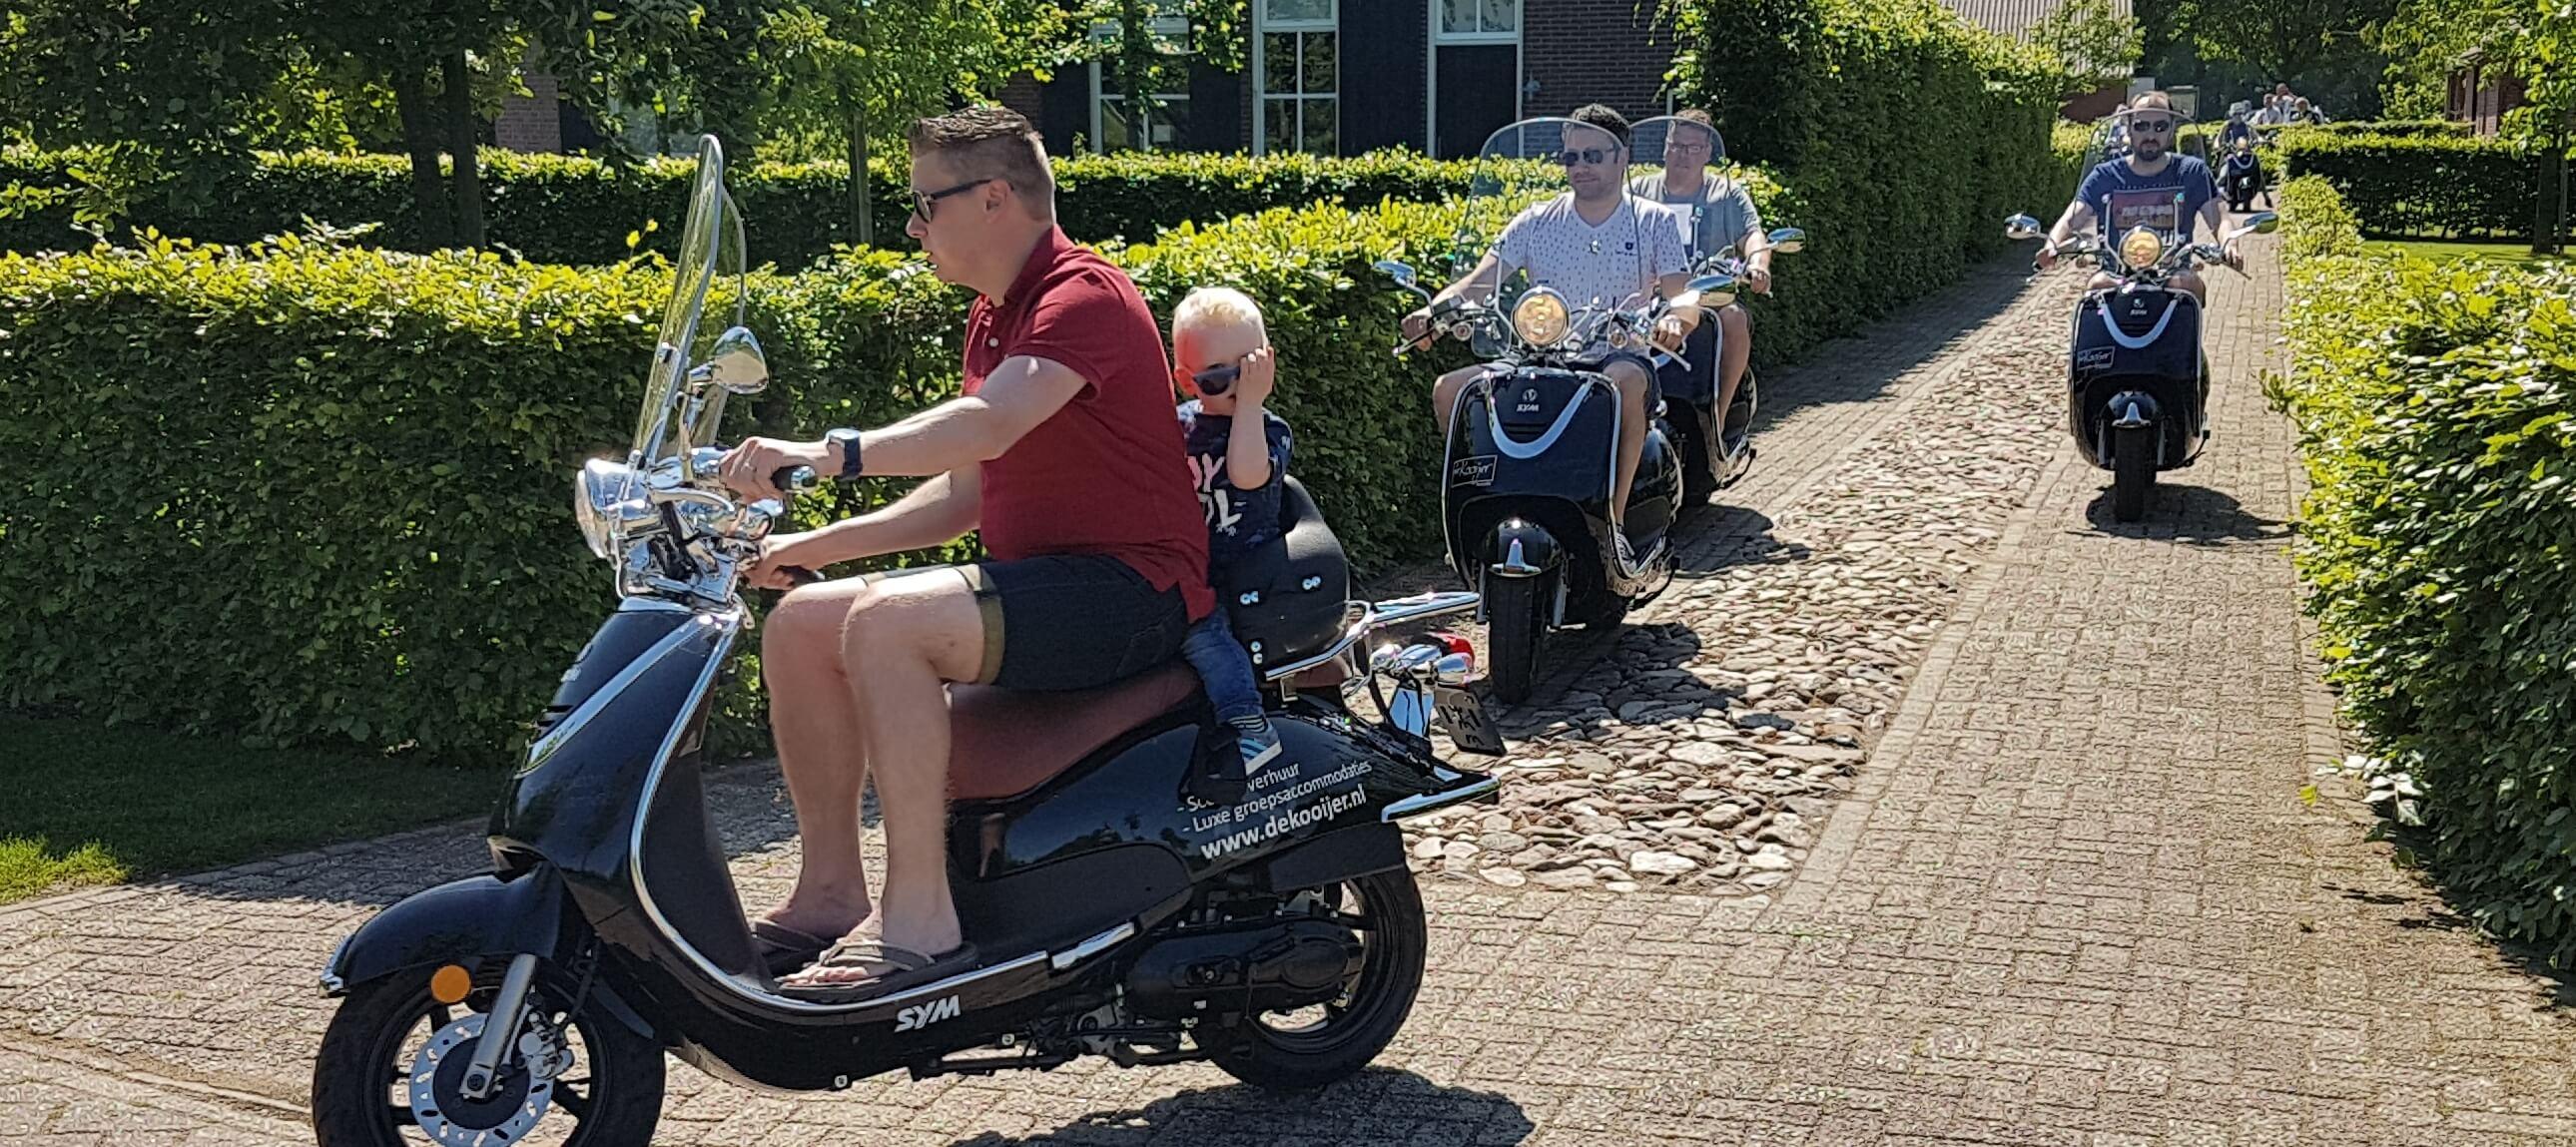 Scooter verhuur Twente